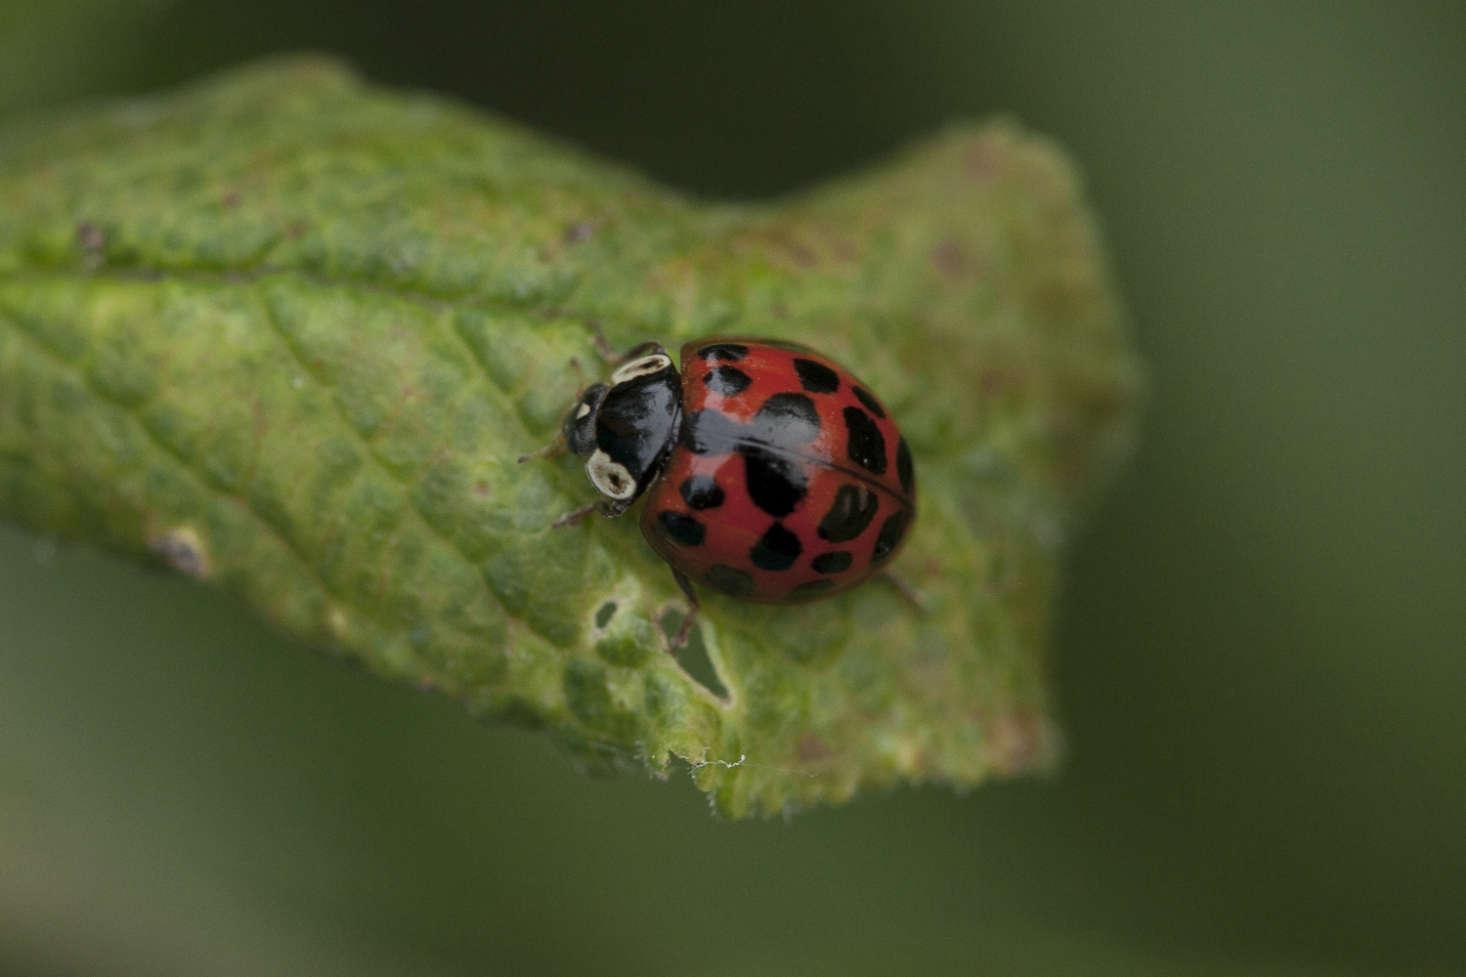 Harlequin ladybug on an aphid-ravaged fruit tree leaf.